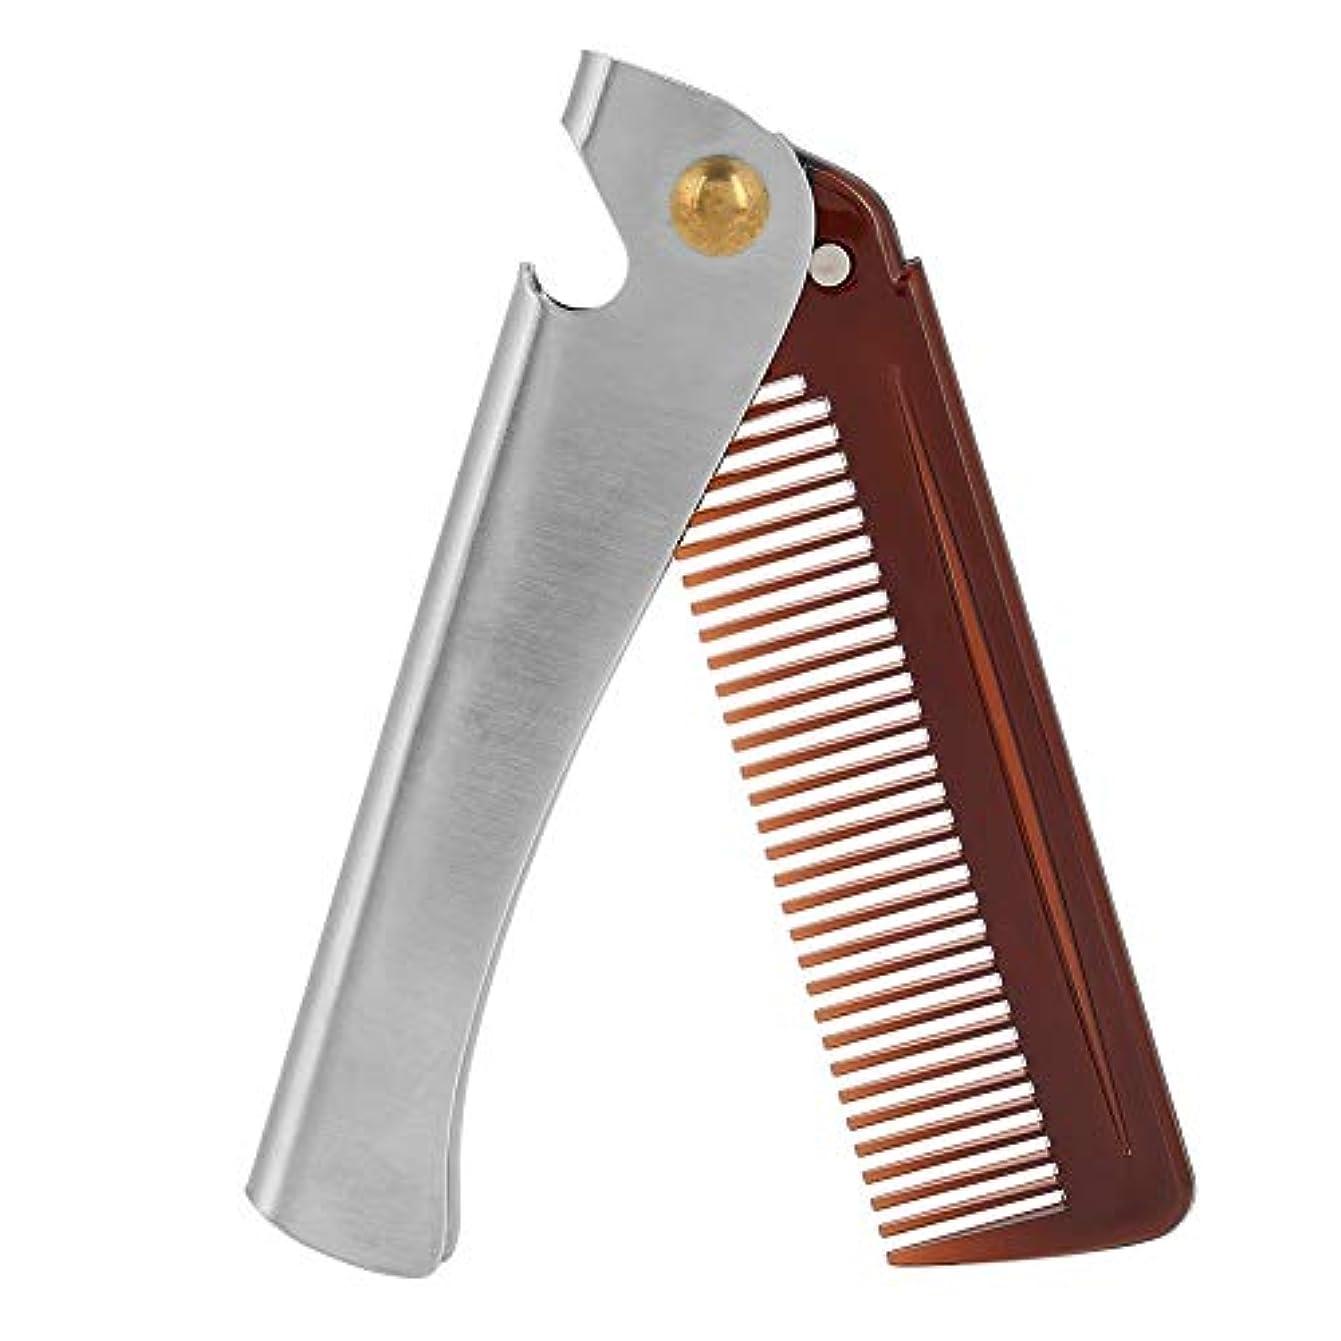 レンダー登場逆さまにステンレス製のひげの櫛の携帯用ステンレス製のひげの櫛の携帯用折りたたみ口ひげ用具の栓抜き